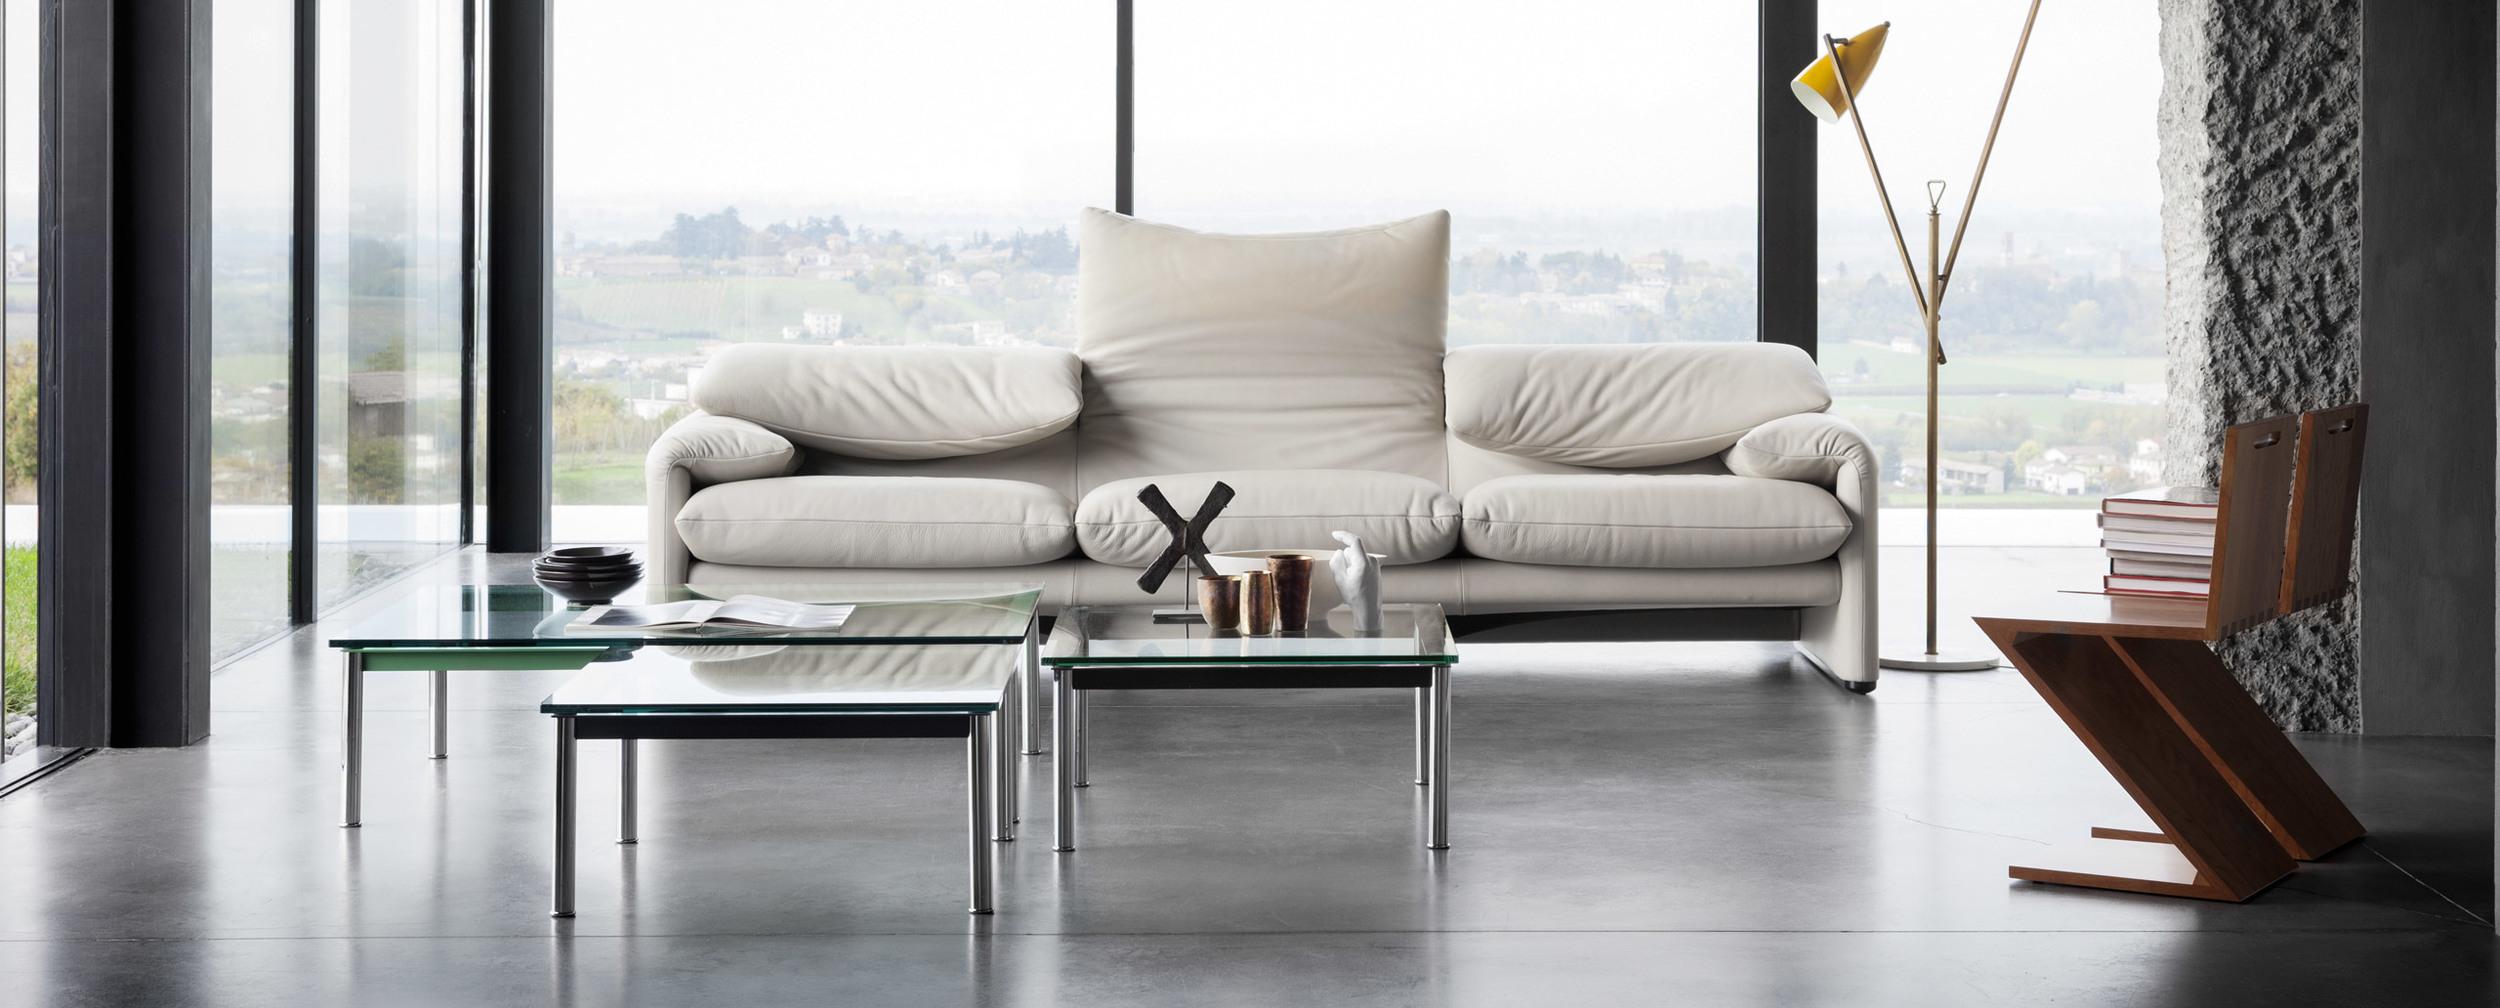 675_maralunga_2 Cassina Loncin design meubel zetel Leuven Brussels mechelen antwerpen vlaams-branbant Limburg Hasselt Tongeren Genk Sint-Truiden Zoutleeuw.jpg